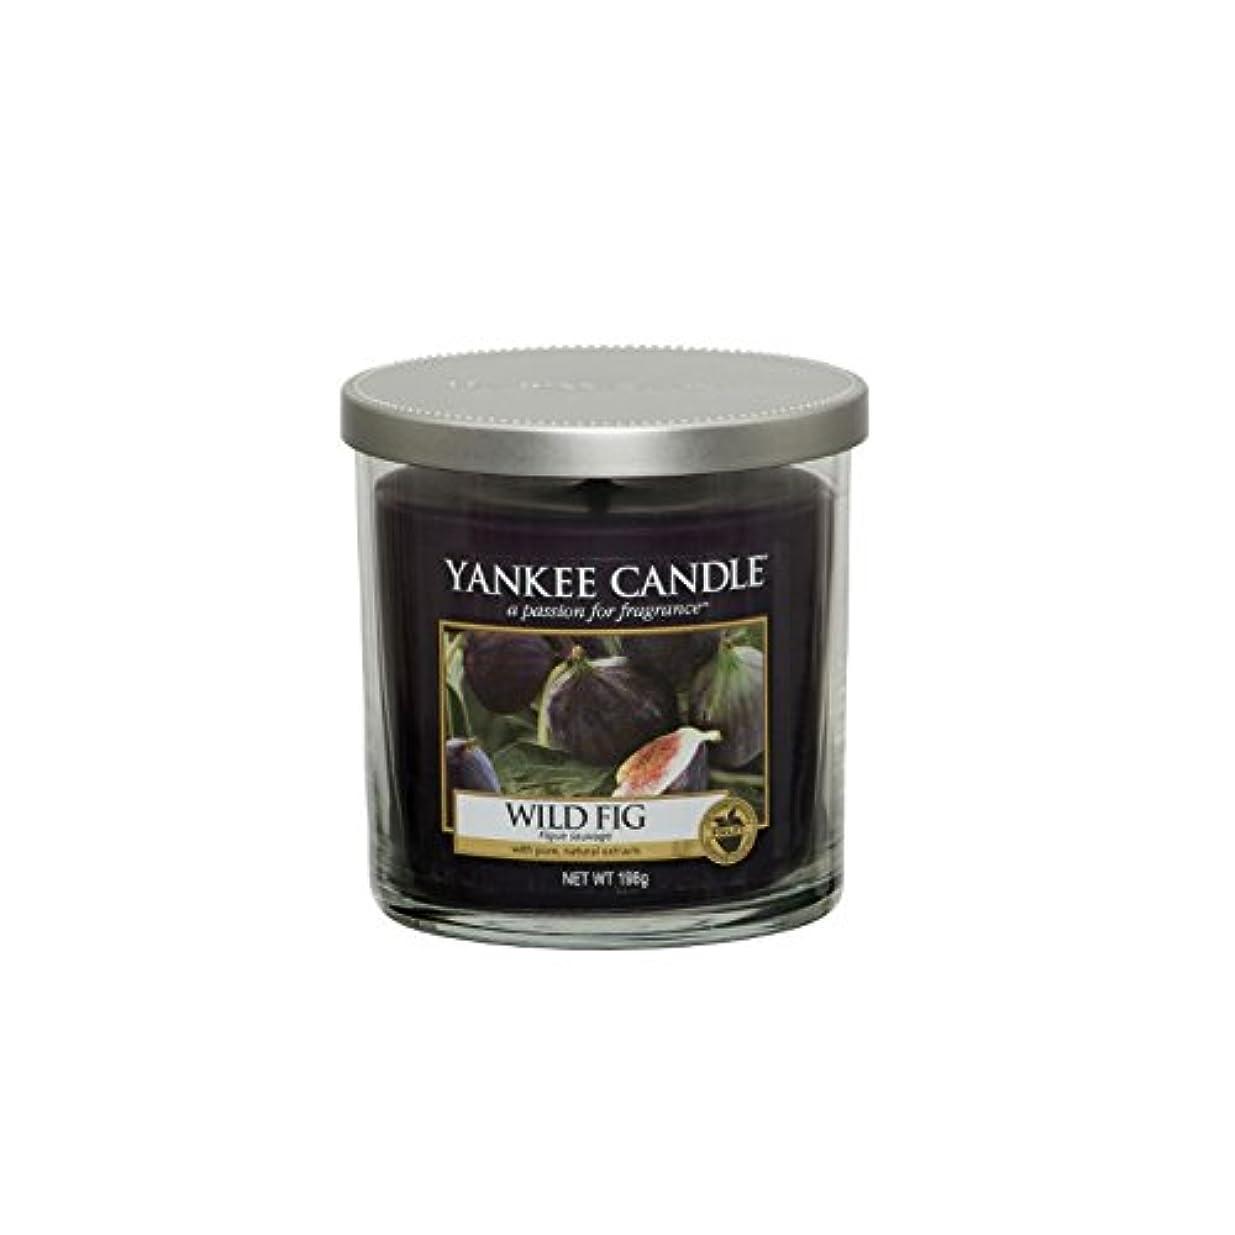 レビュアー世界の窓無視Yankee Candles Small Pillar Candle - Wild Fig (Pack of 6) - ヤンキーキャンドルの小さな柱キャンドル - 野生のイチジク (x6) [並行輸入品]